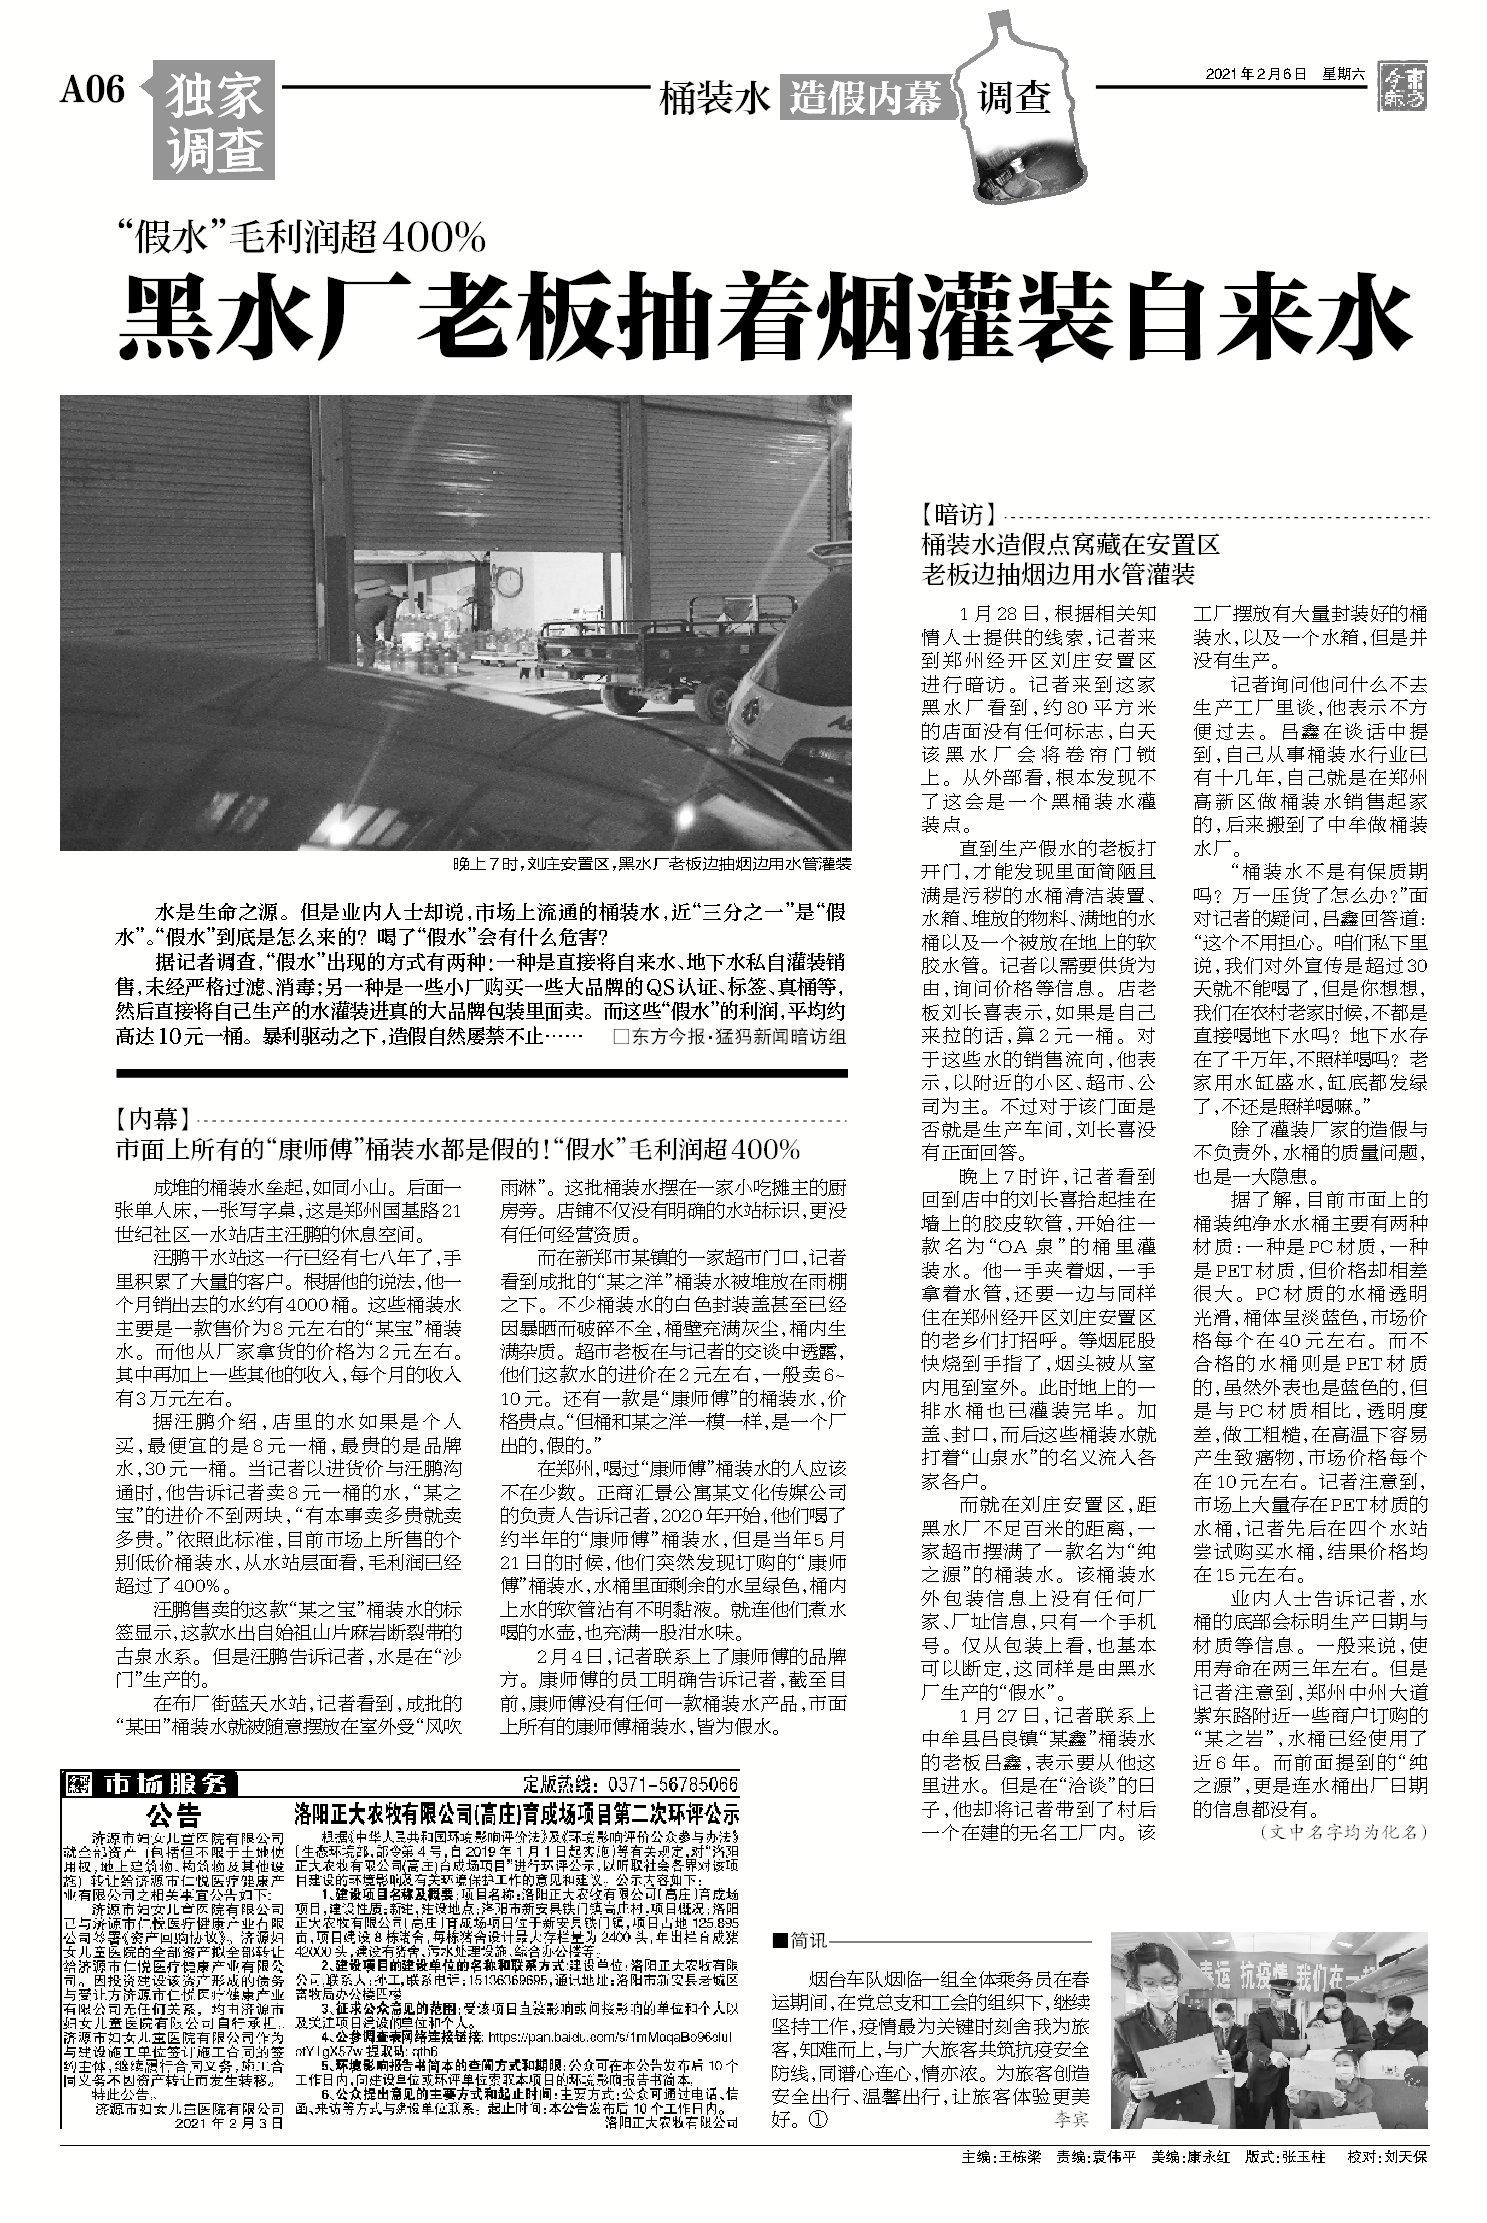 桶装水造假内幕调查后续 郑州将开展10个月的桶装饮用水生产经营环节专项整治工作